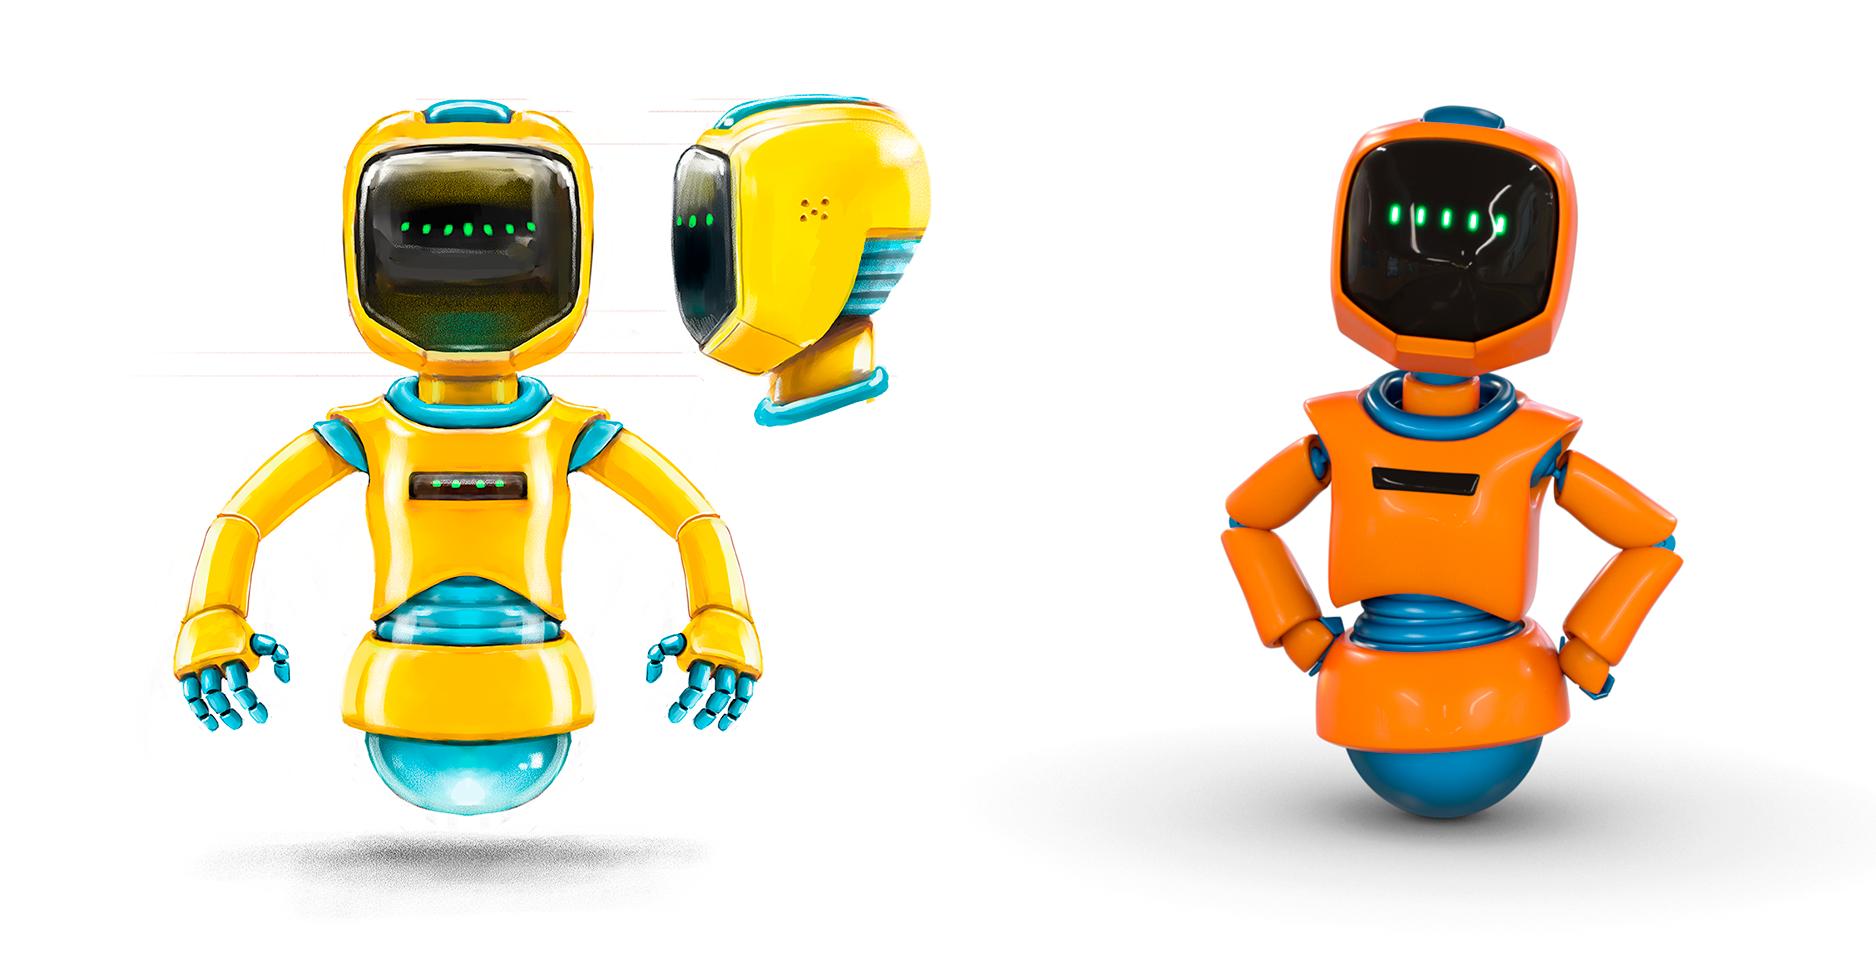 Vasemmalla tekemäni konseptikuvitus. Oikealla valmis 3D-versio.